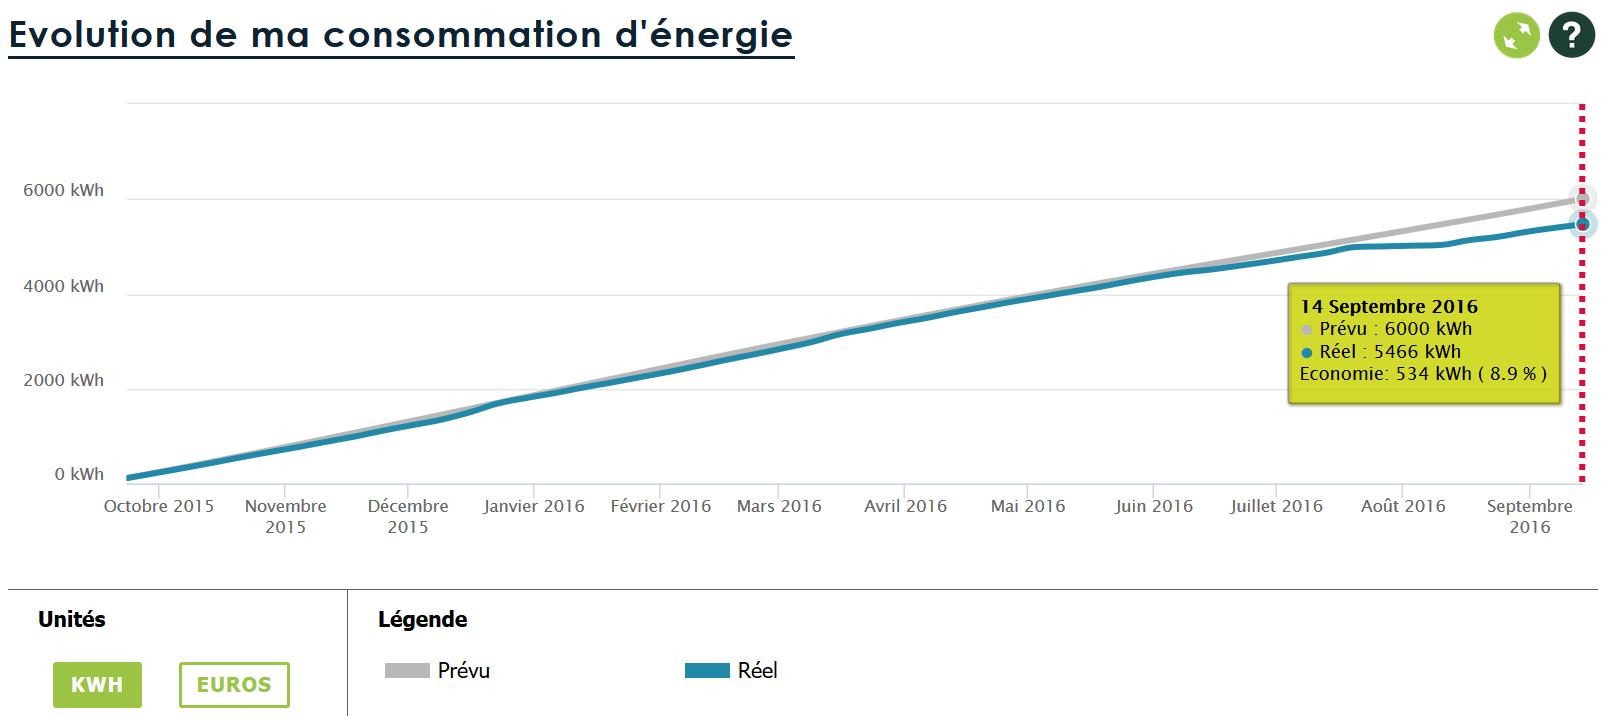 Courbe évolution de ma consommation d'électricité sur un an en kWh